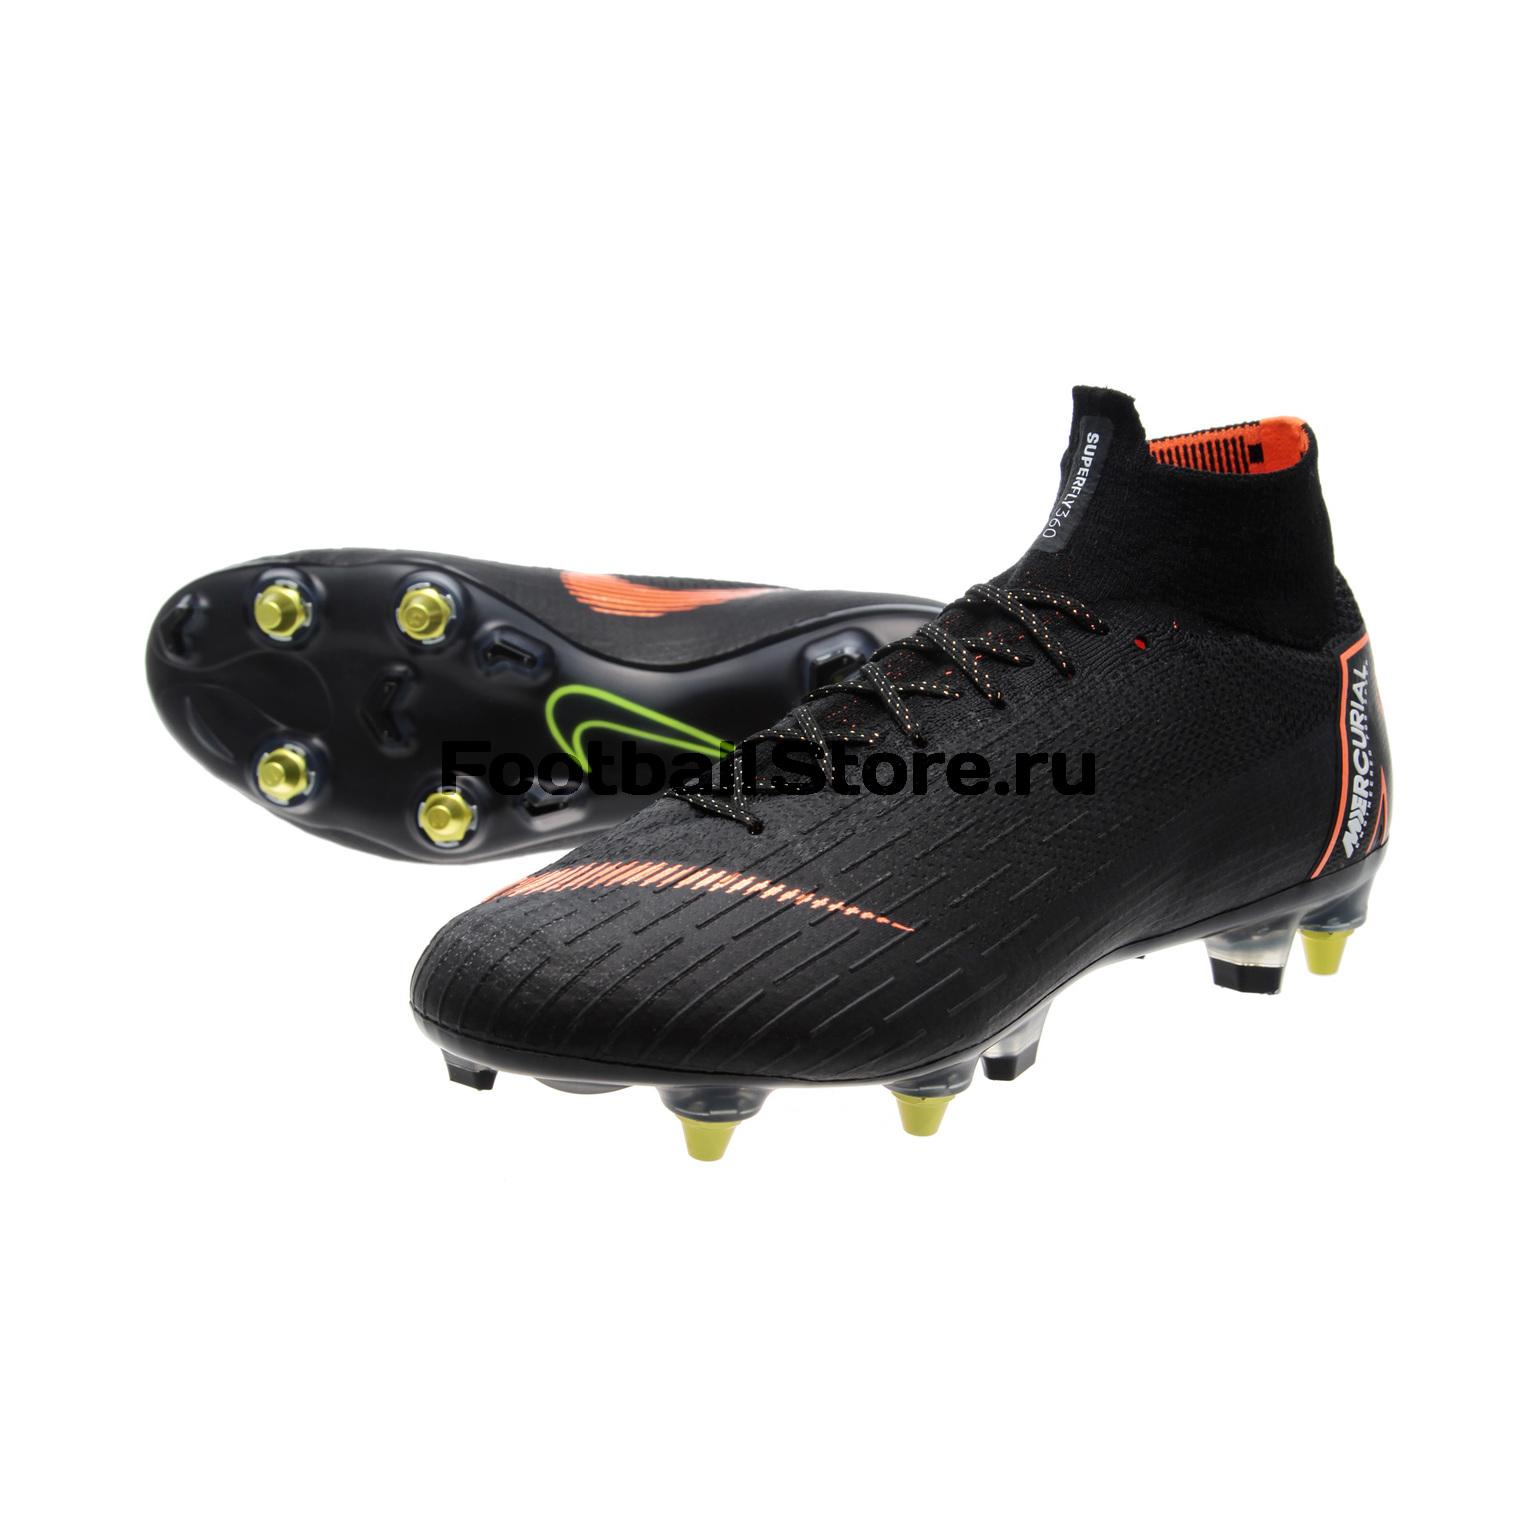 beb0f60451de Бутсы Nike Superfly 6 Elite SG-Pro AC AH7366-081 – купить бутсы в ...